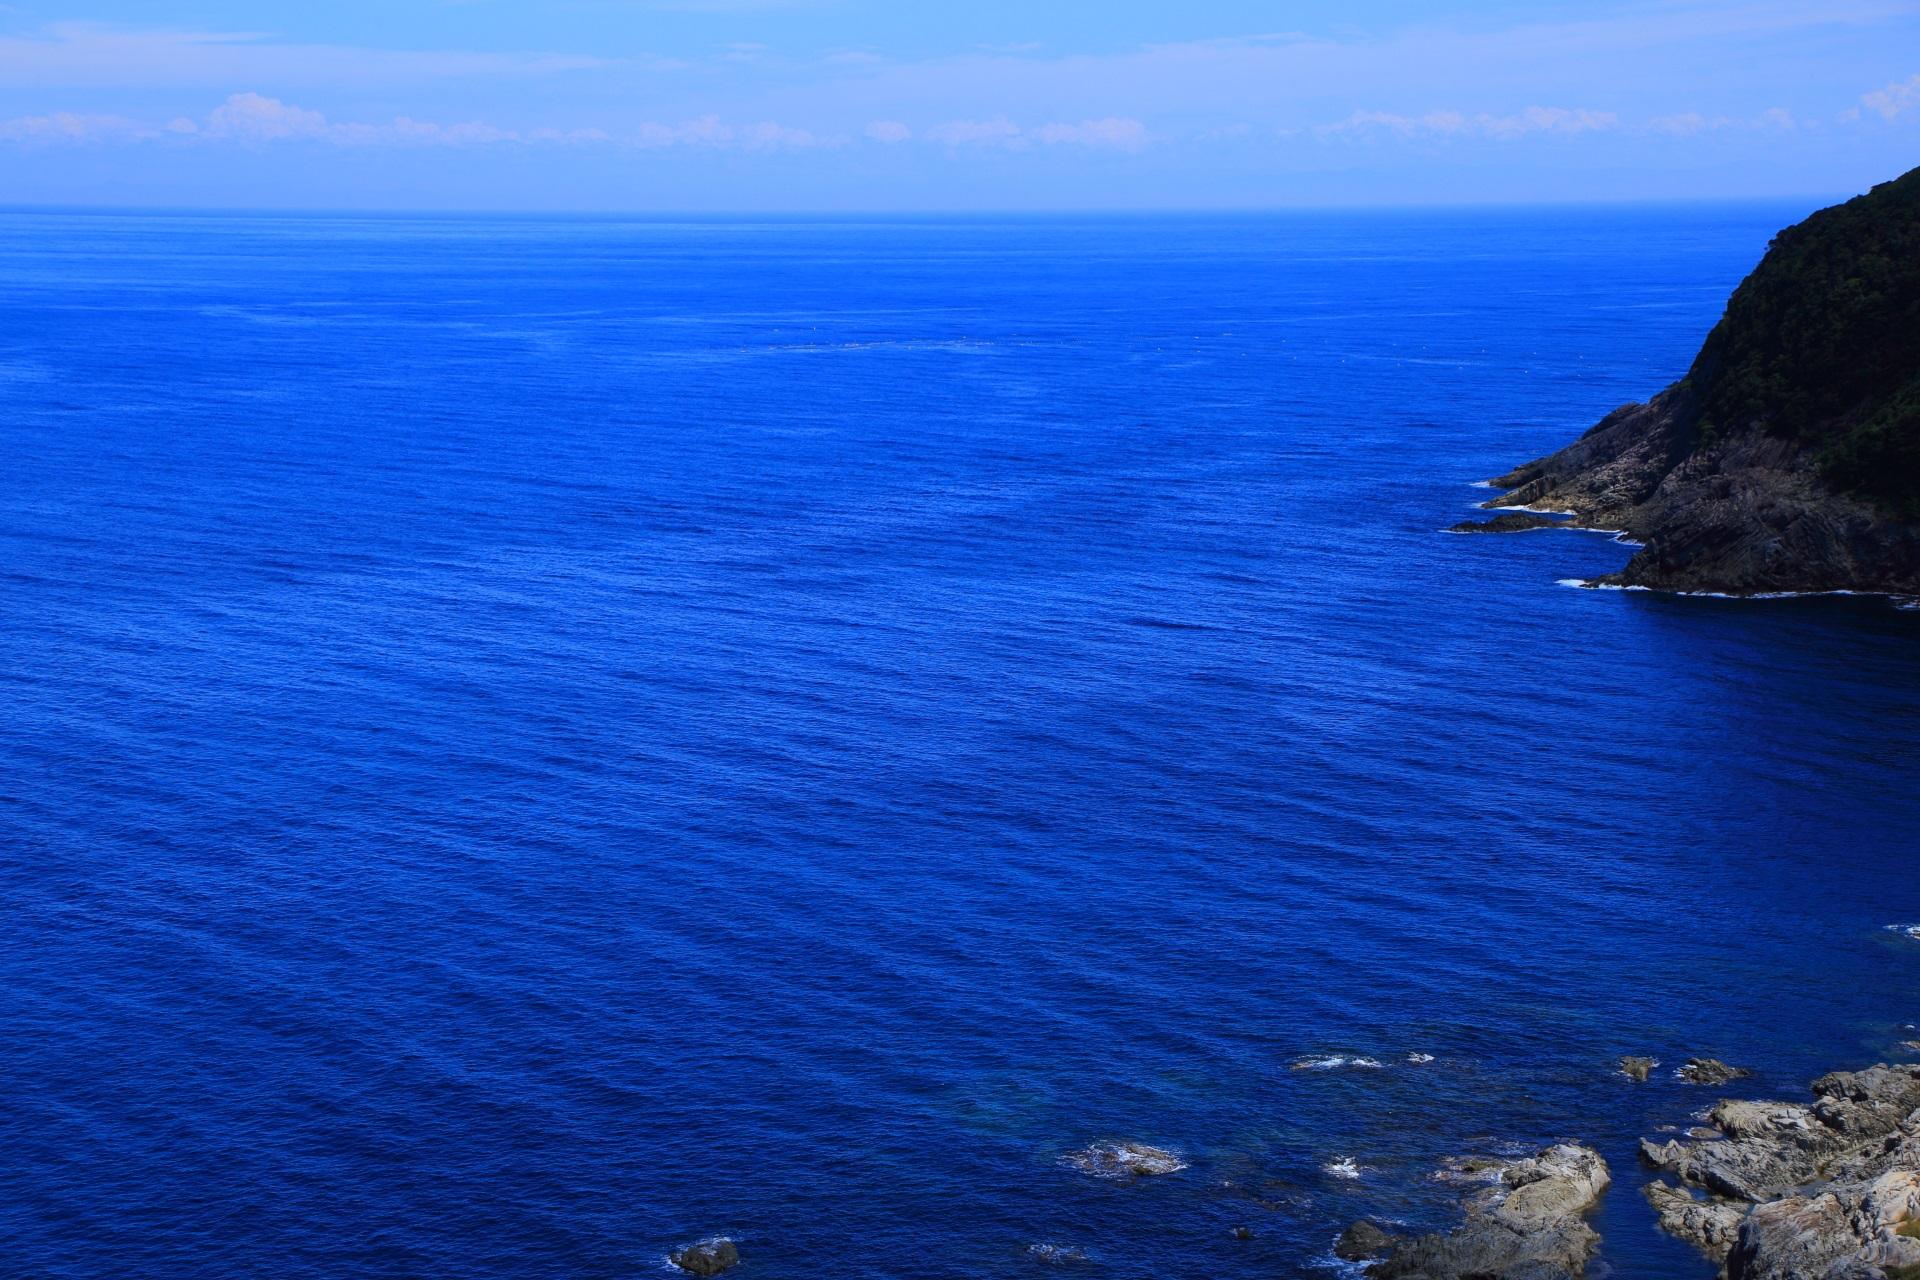 眼下に広がる穏やかな青い日本海